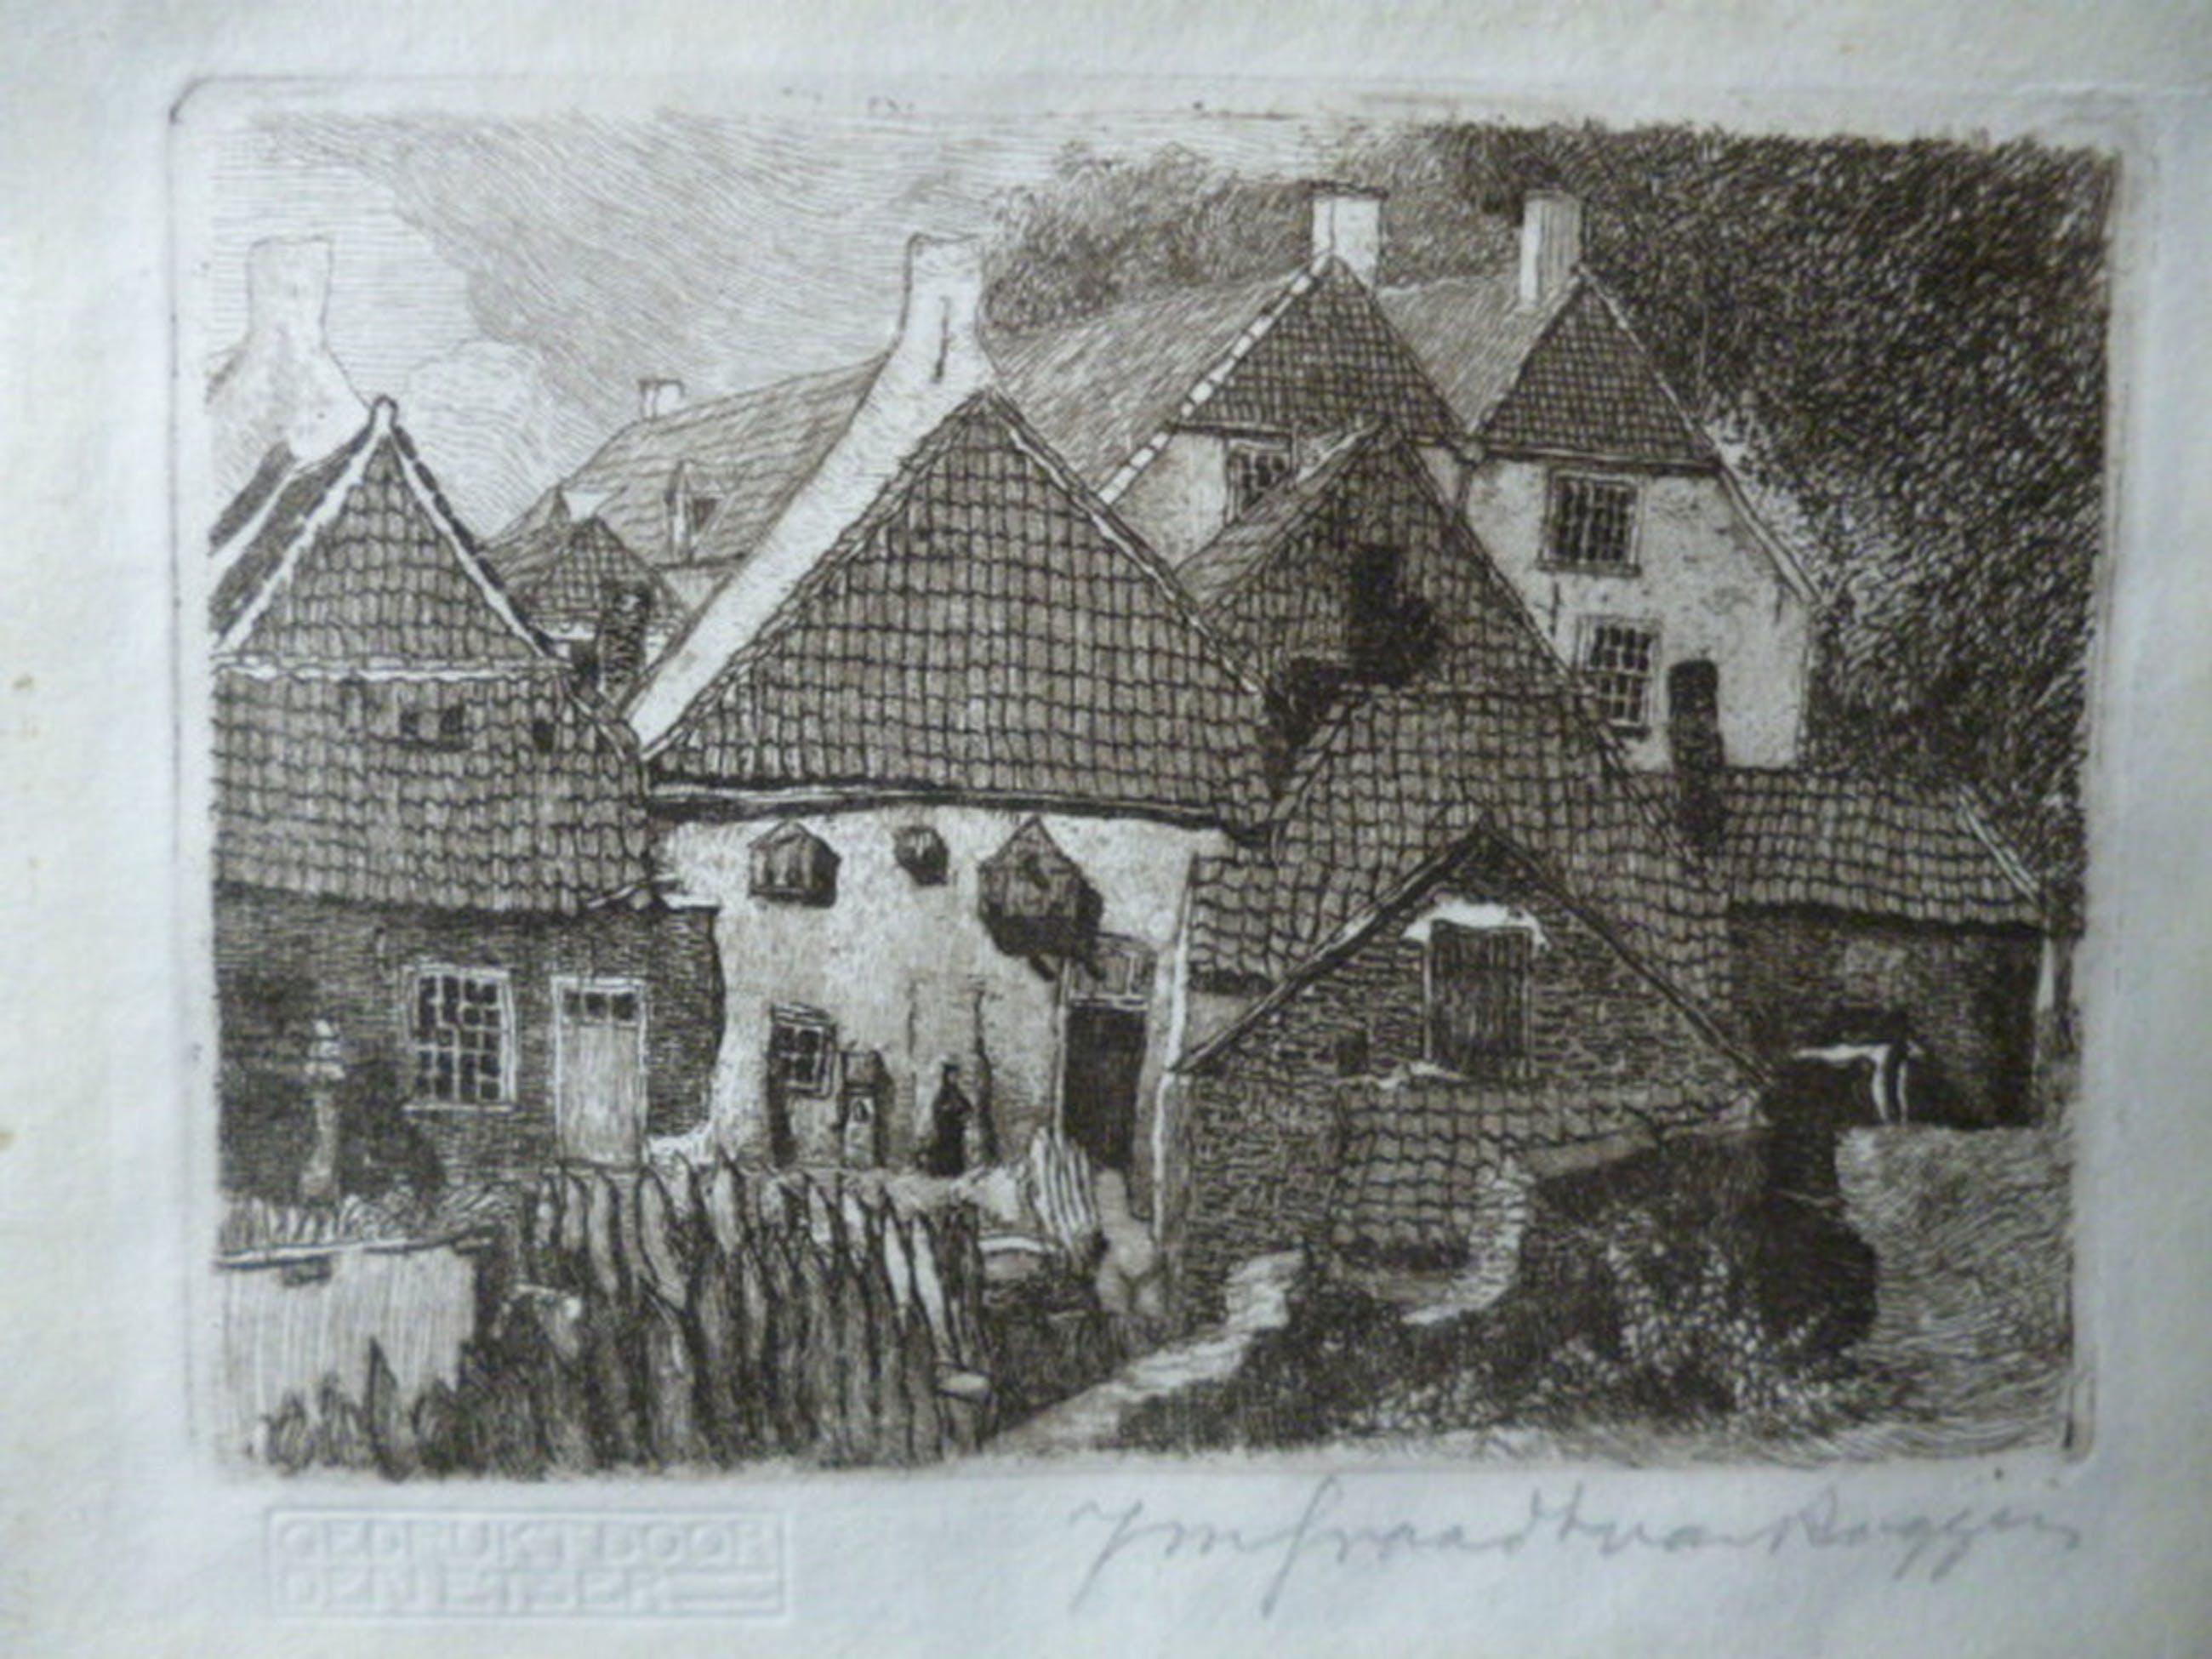 Johannes Graadt van Roggen - ets - Oude kazerne Grave kopen? Bied vanaf 45!